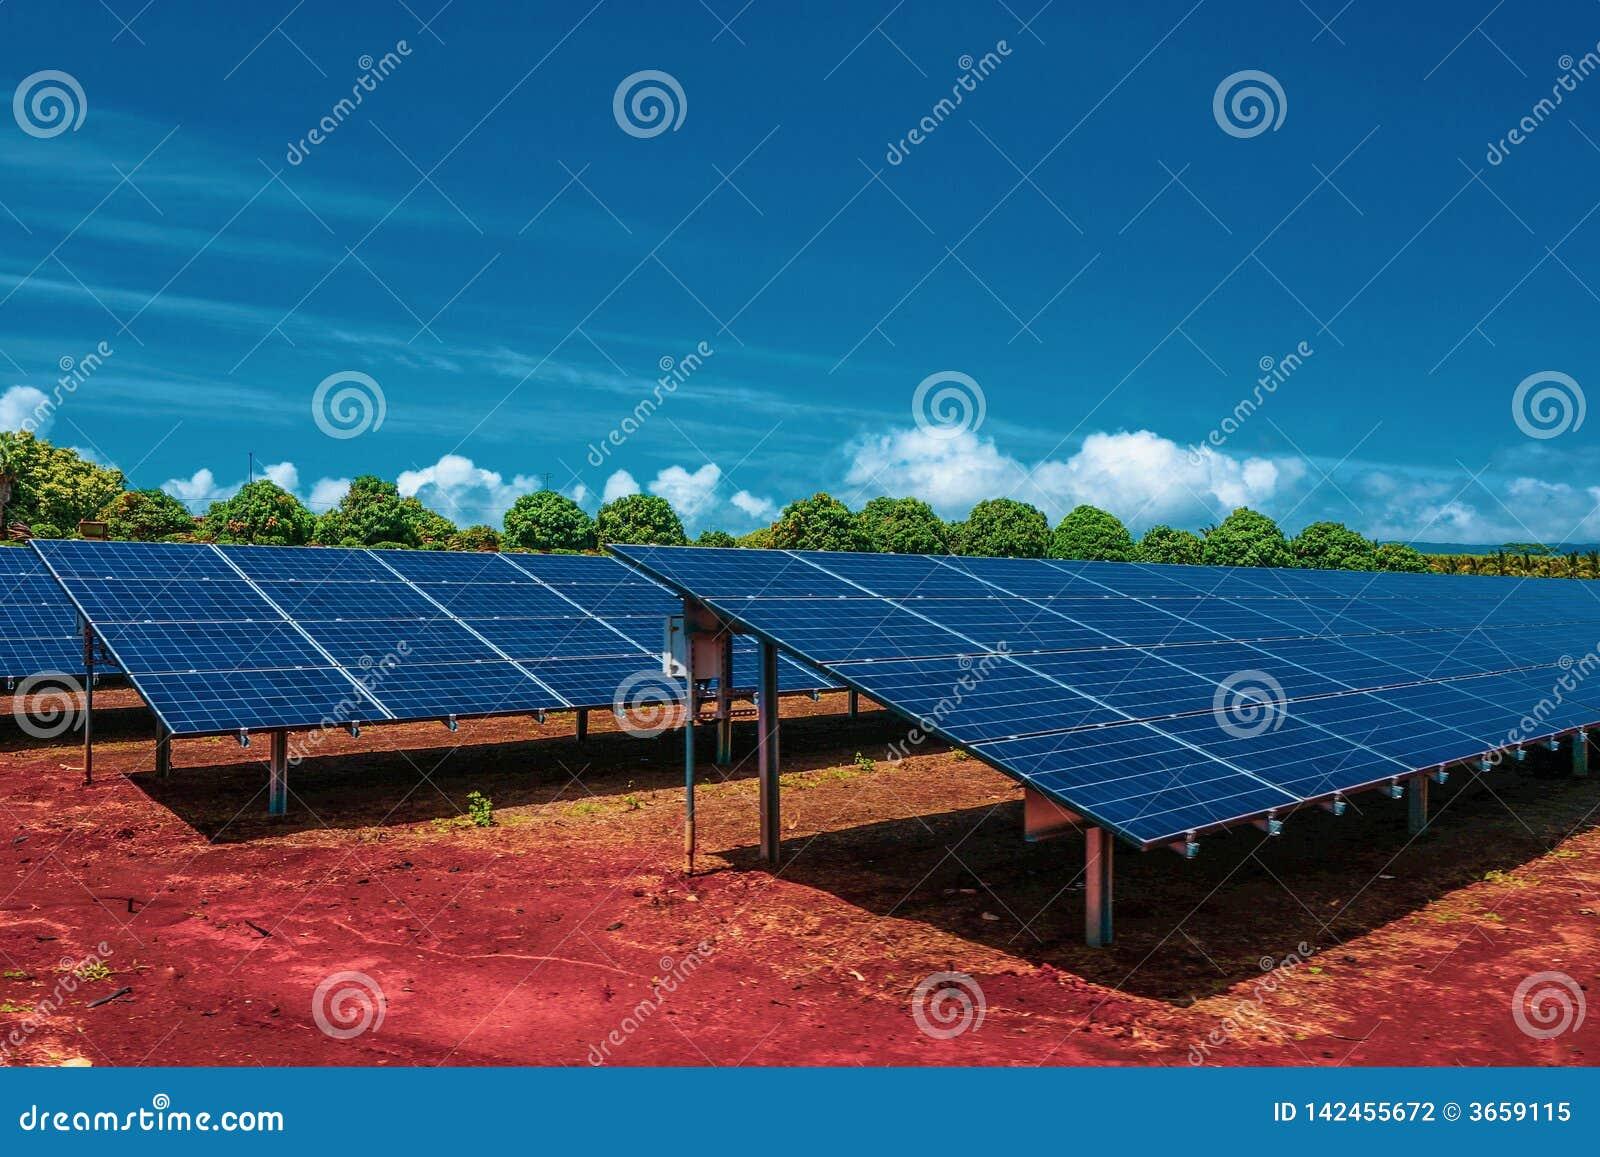 Los paneles solares, photovoltaics, fuente energética alterna, colocándose en la tierra roja con el cielo azul brillante y los ár